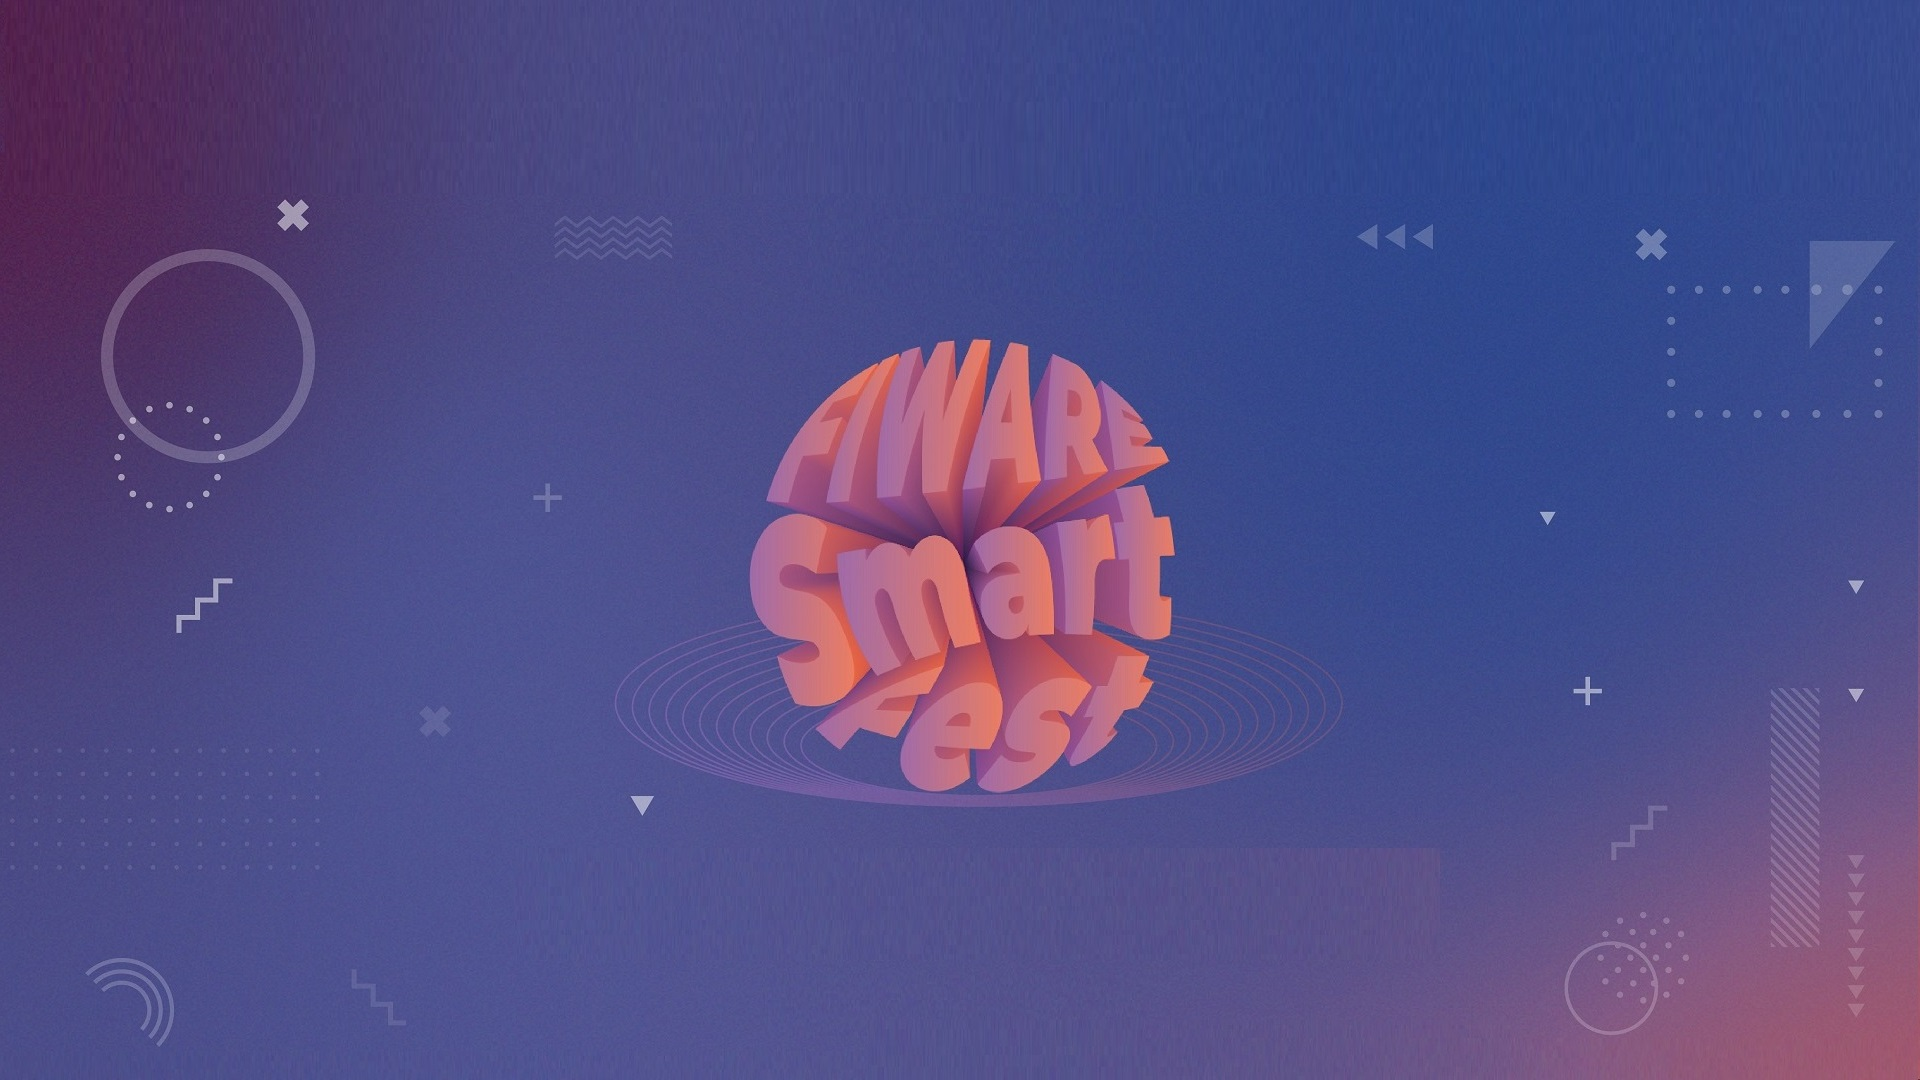 Fiware-Smart-Fest_1920x1080.jpg